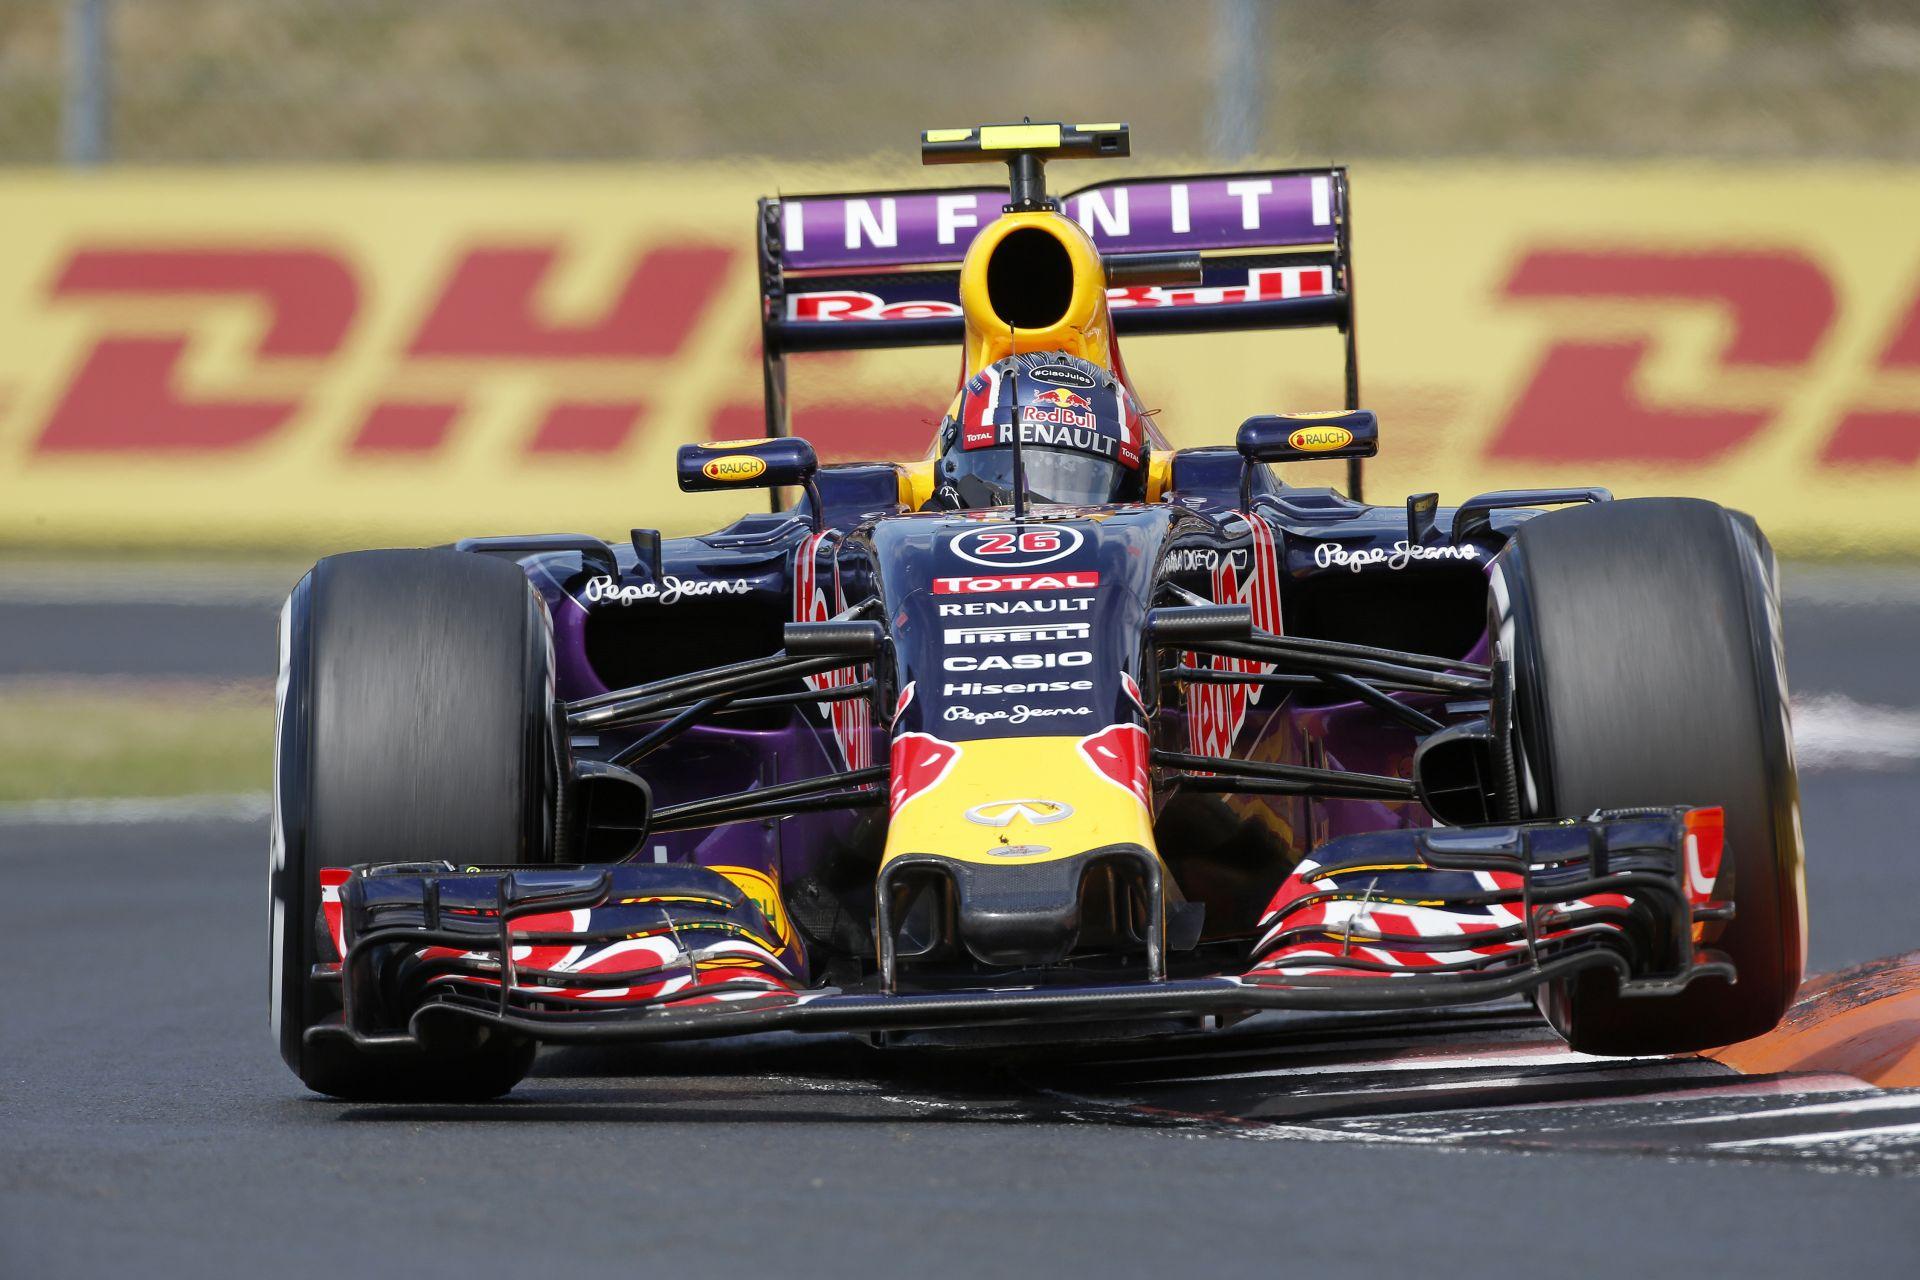 A Red Bull Spában meglepően versenyképesnek tűnik - csak el ne kiabáljuk!